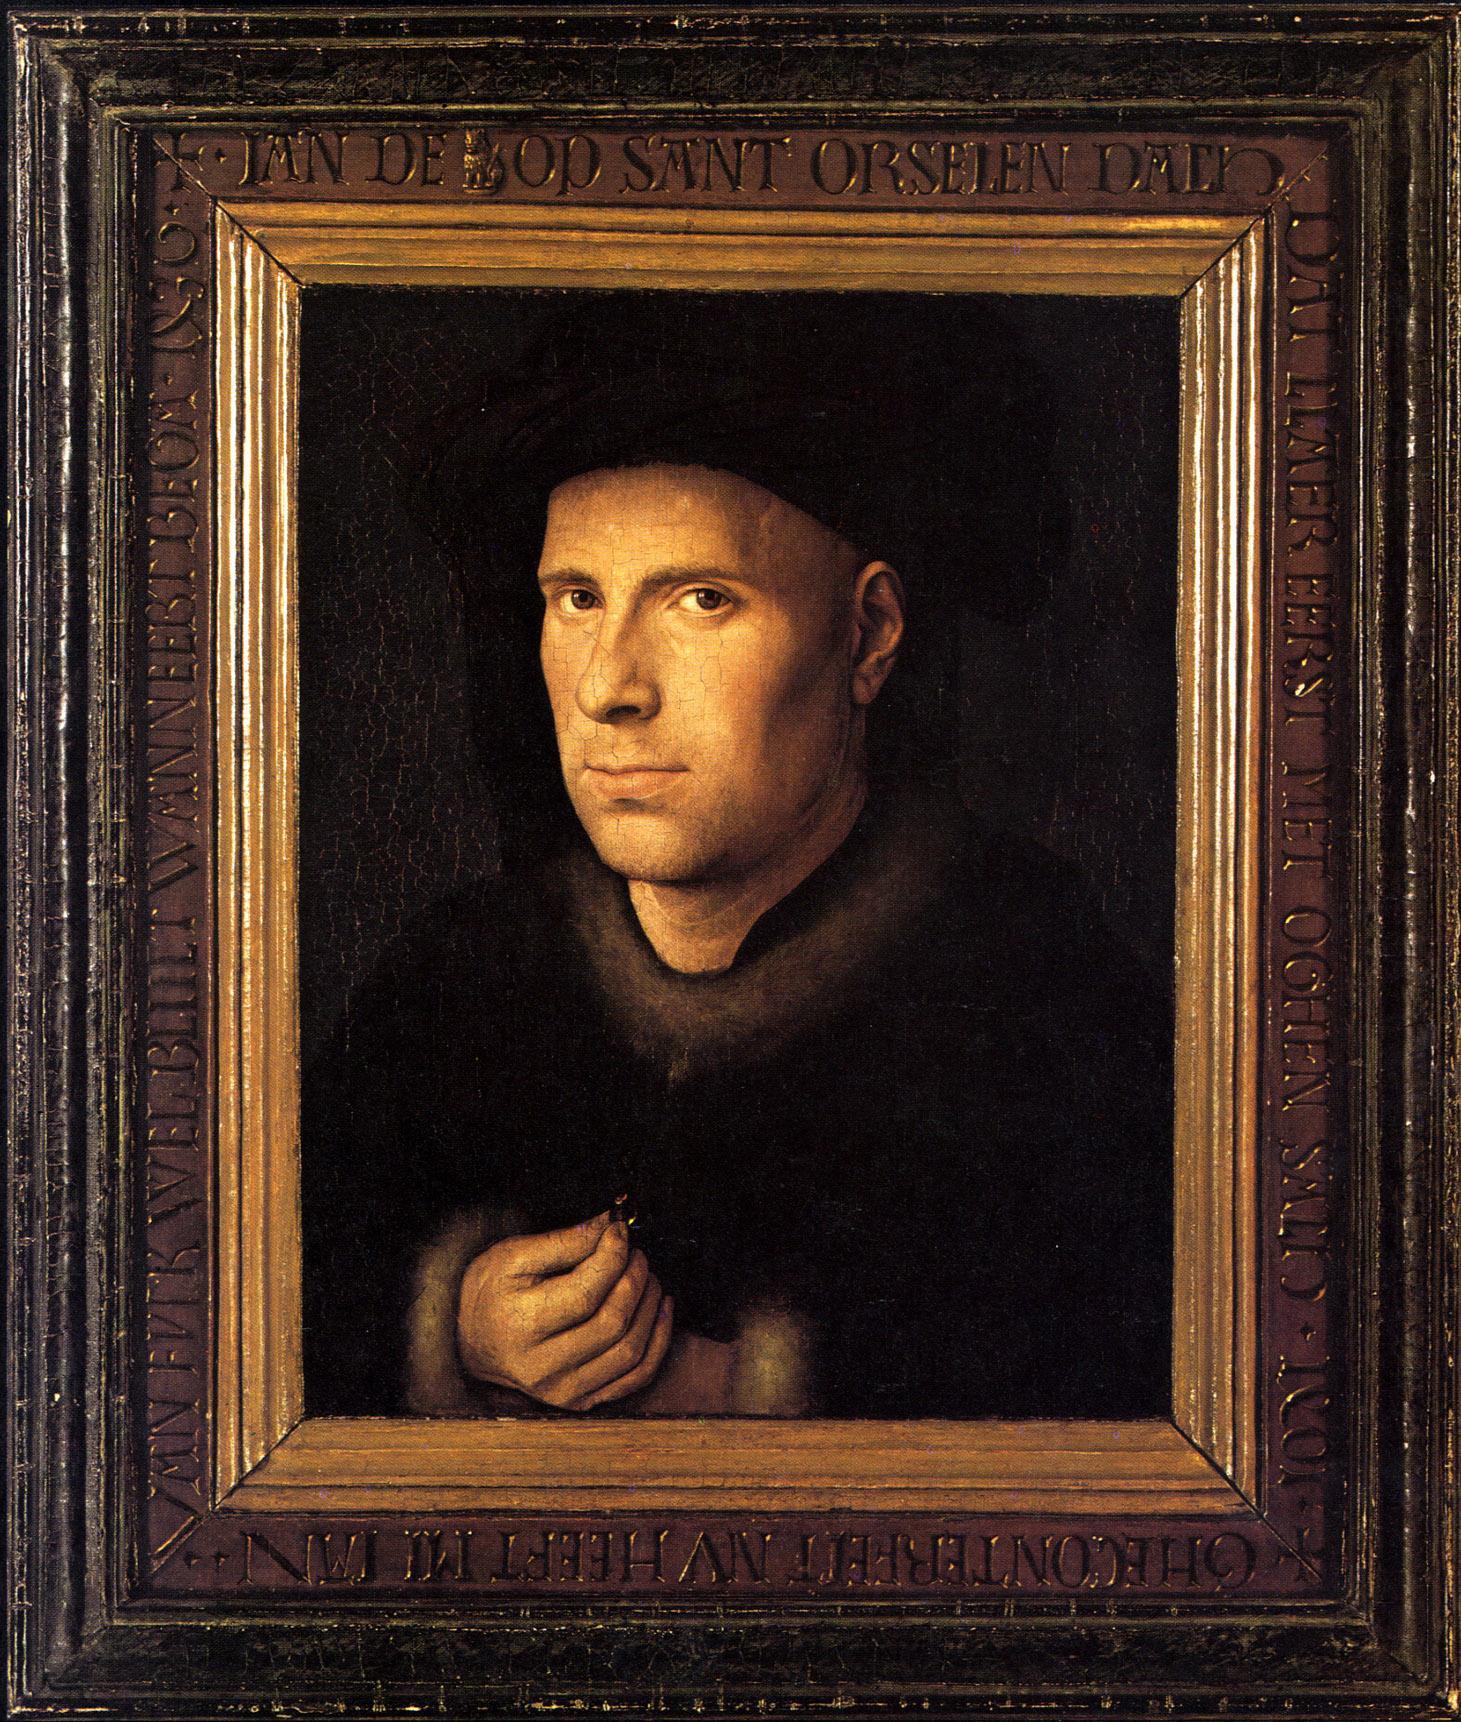 6__jan_van_eyck_14_portrait_of_jan_de_leeuw